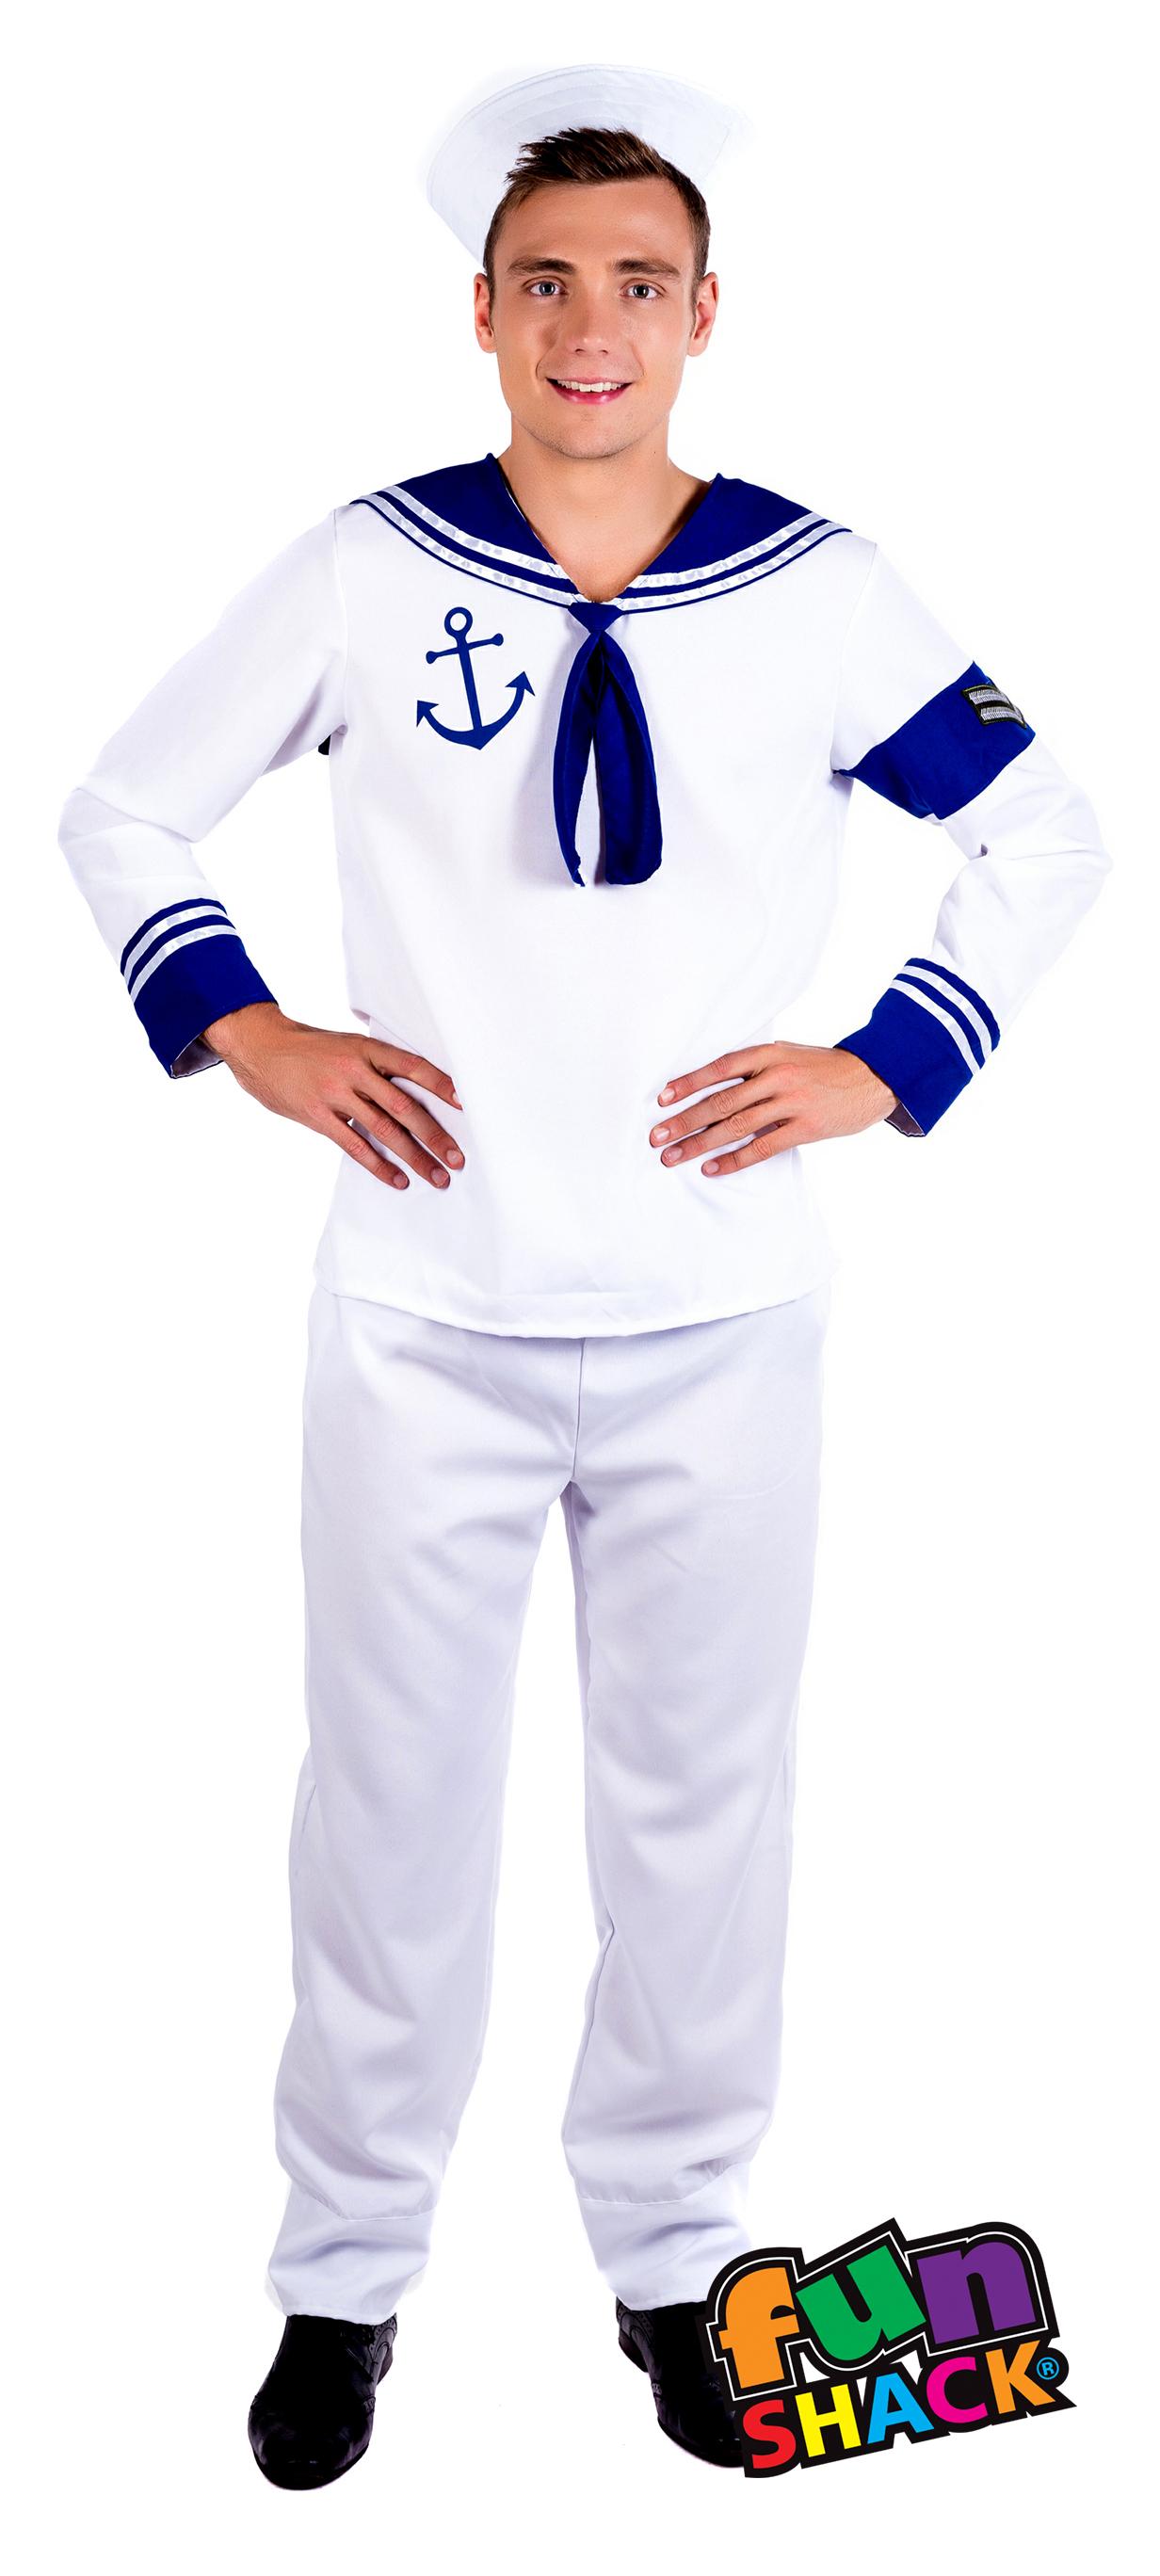 469d2129f6c Sailor Mens Fancy Dress Adult Captain Cadet Uniform Occupations Costume  Outfit